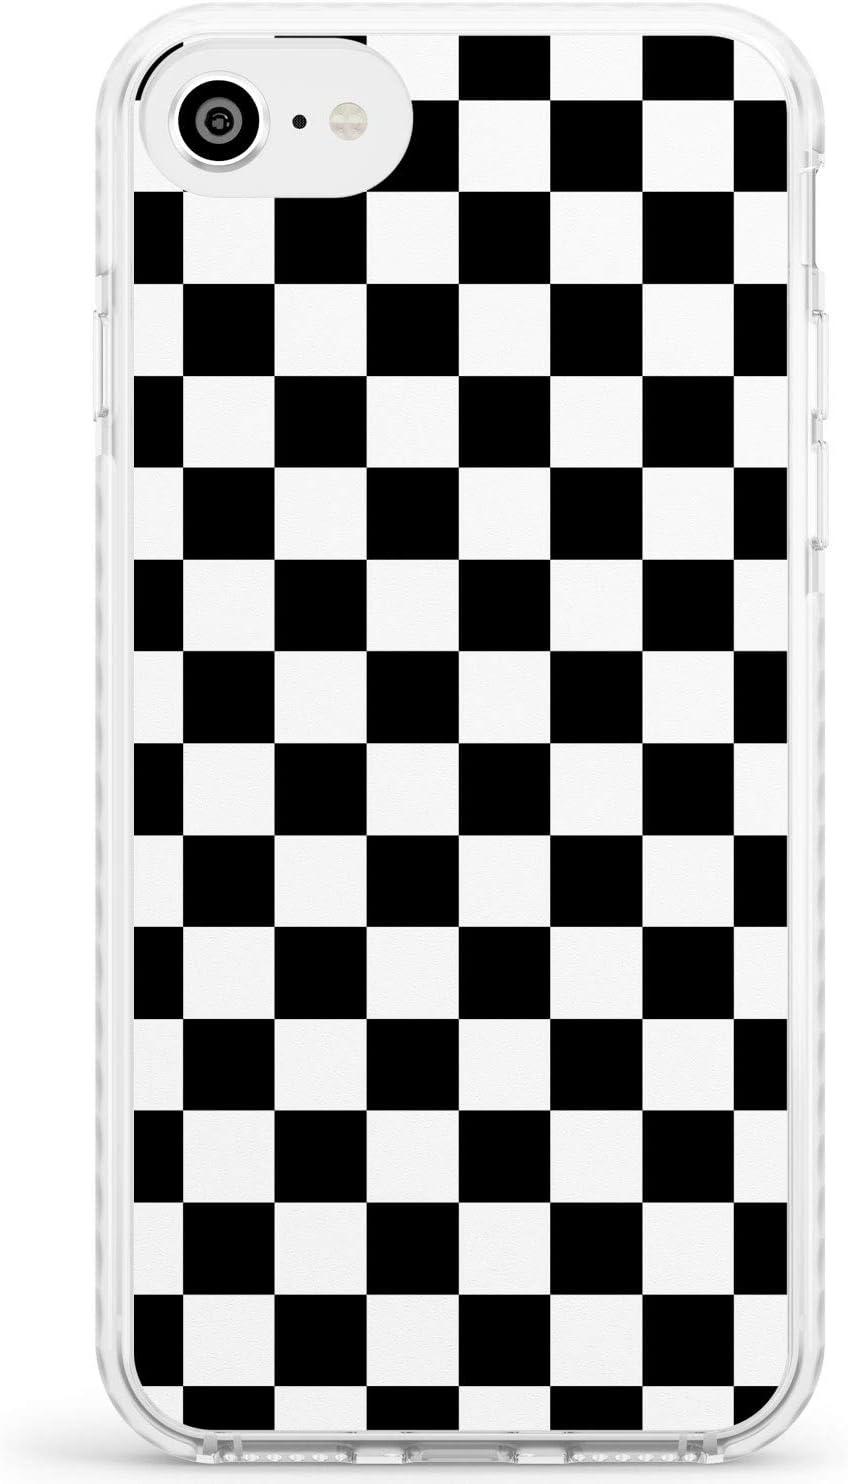 Negro A Cuadros Funda de Teléfono de Goma a Prueba de choques Bumper Cover para iPhone 6, para iPhone 6S Tablero De Damas Tartán Comprobado Patrón Inspector